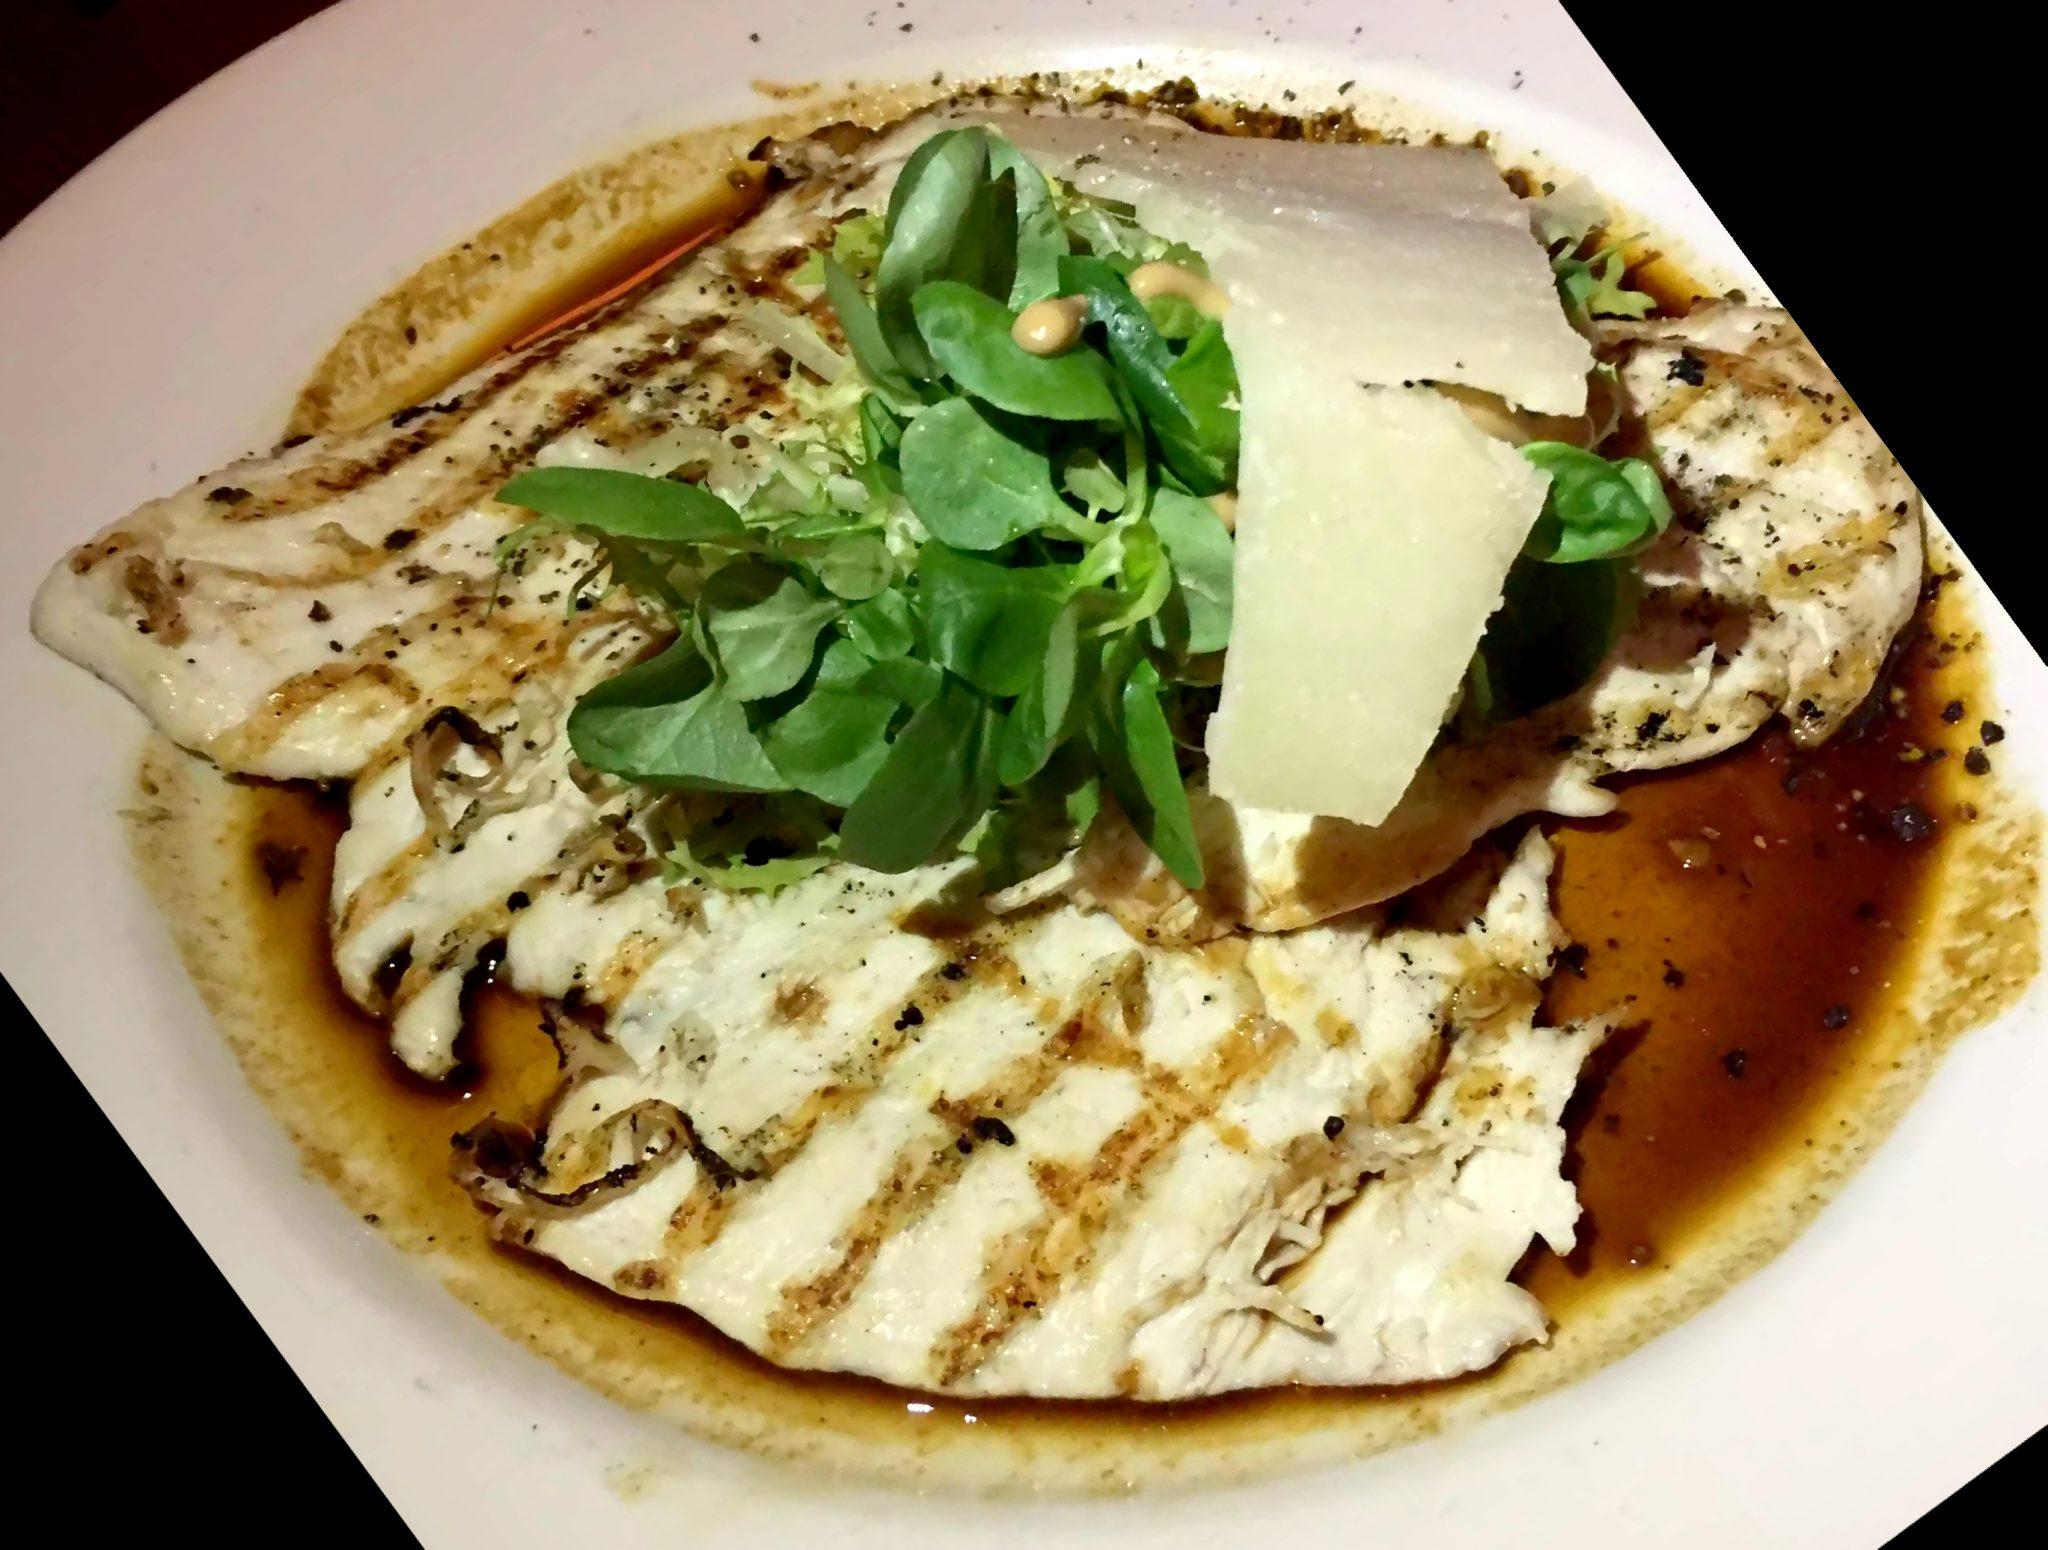 Balthazar Restaurant Covent Garden, London Chicken Paillard Parmesan Salad